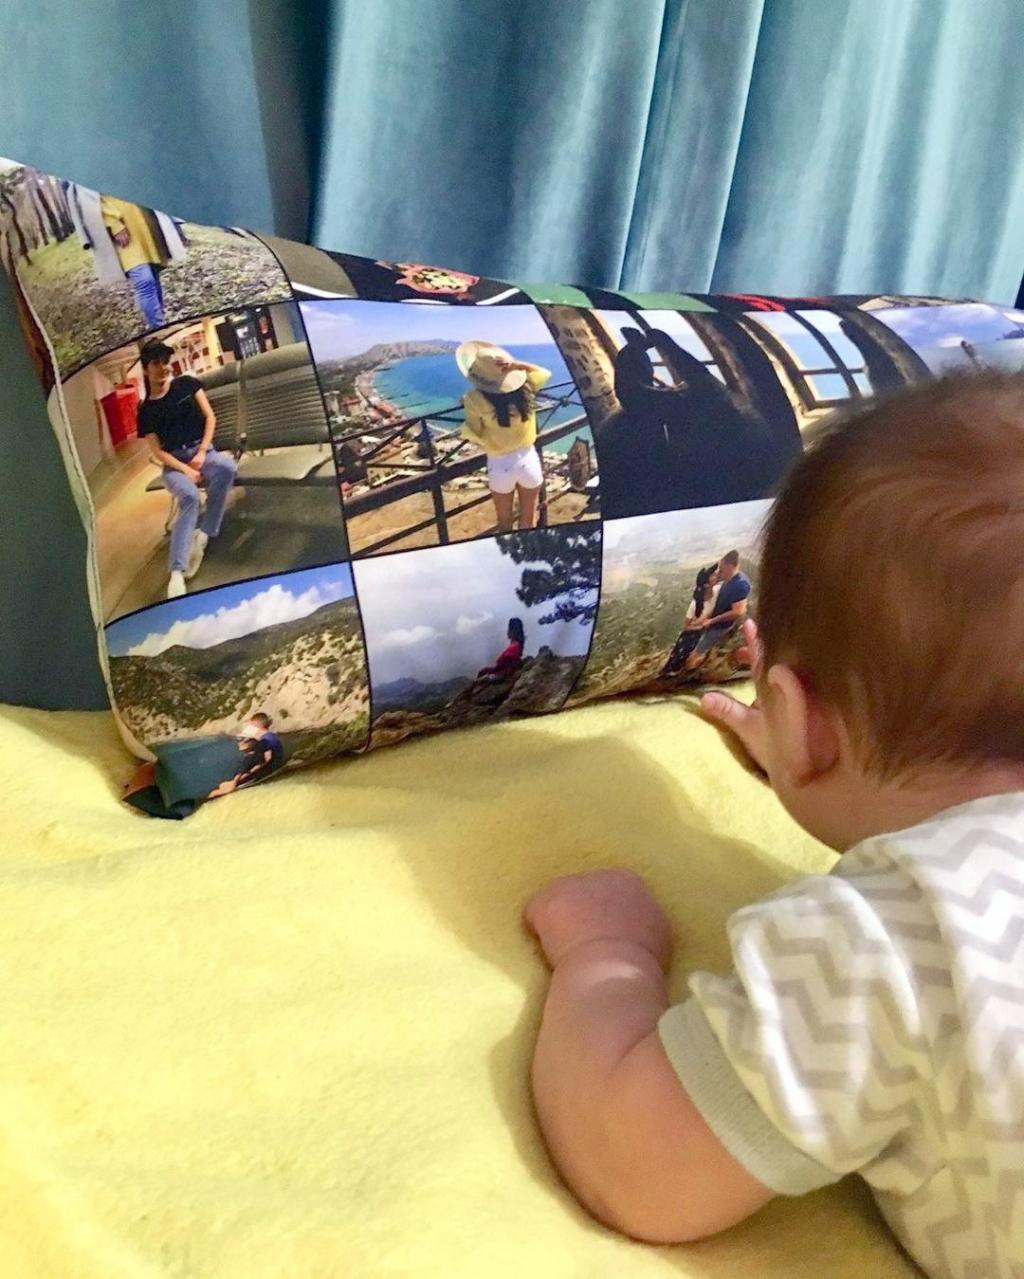 консервирования изначально подушка на заказ с фотографией екатеринбург собой